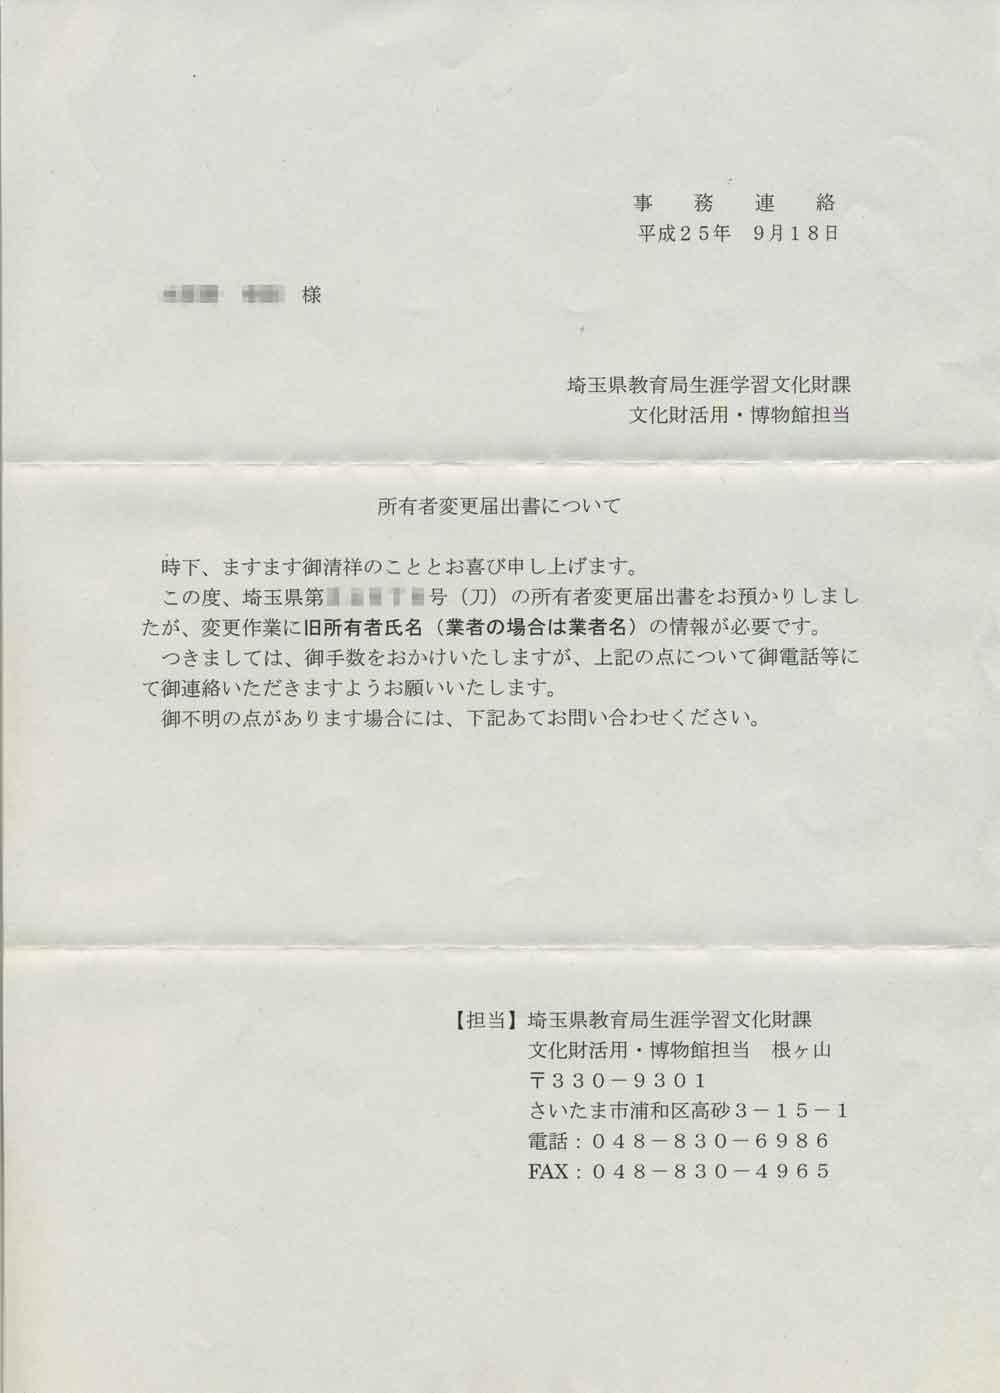 埼玉県からの連絡